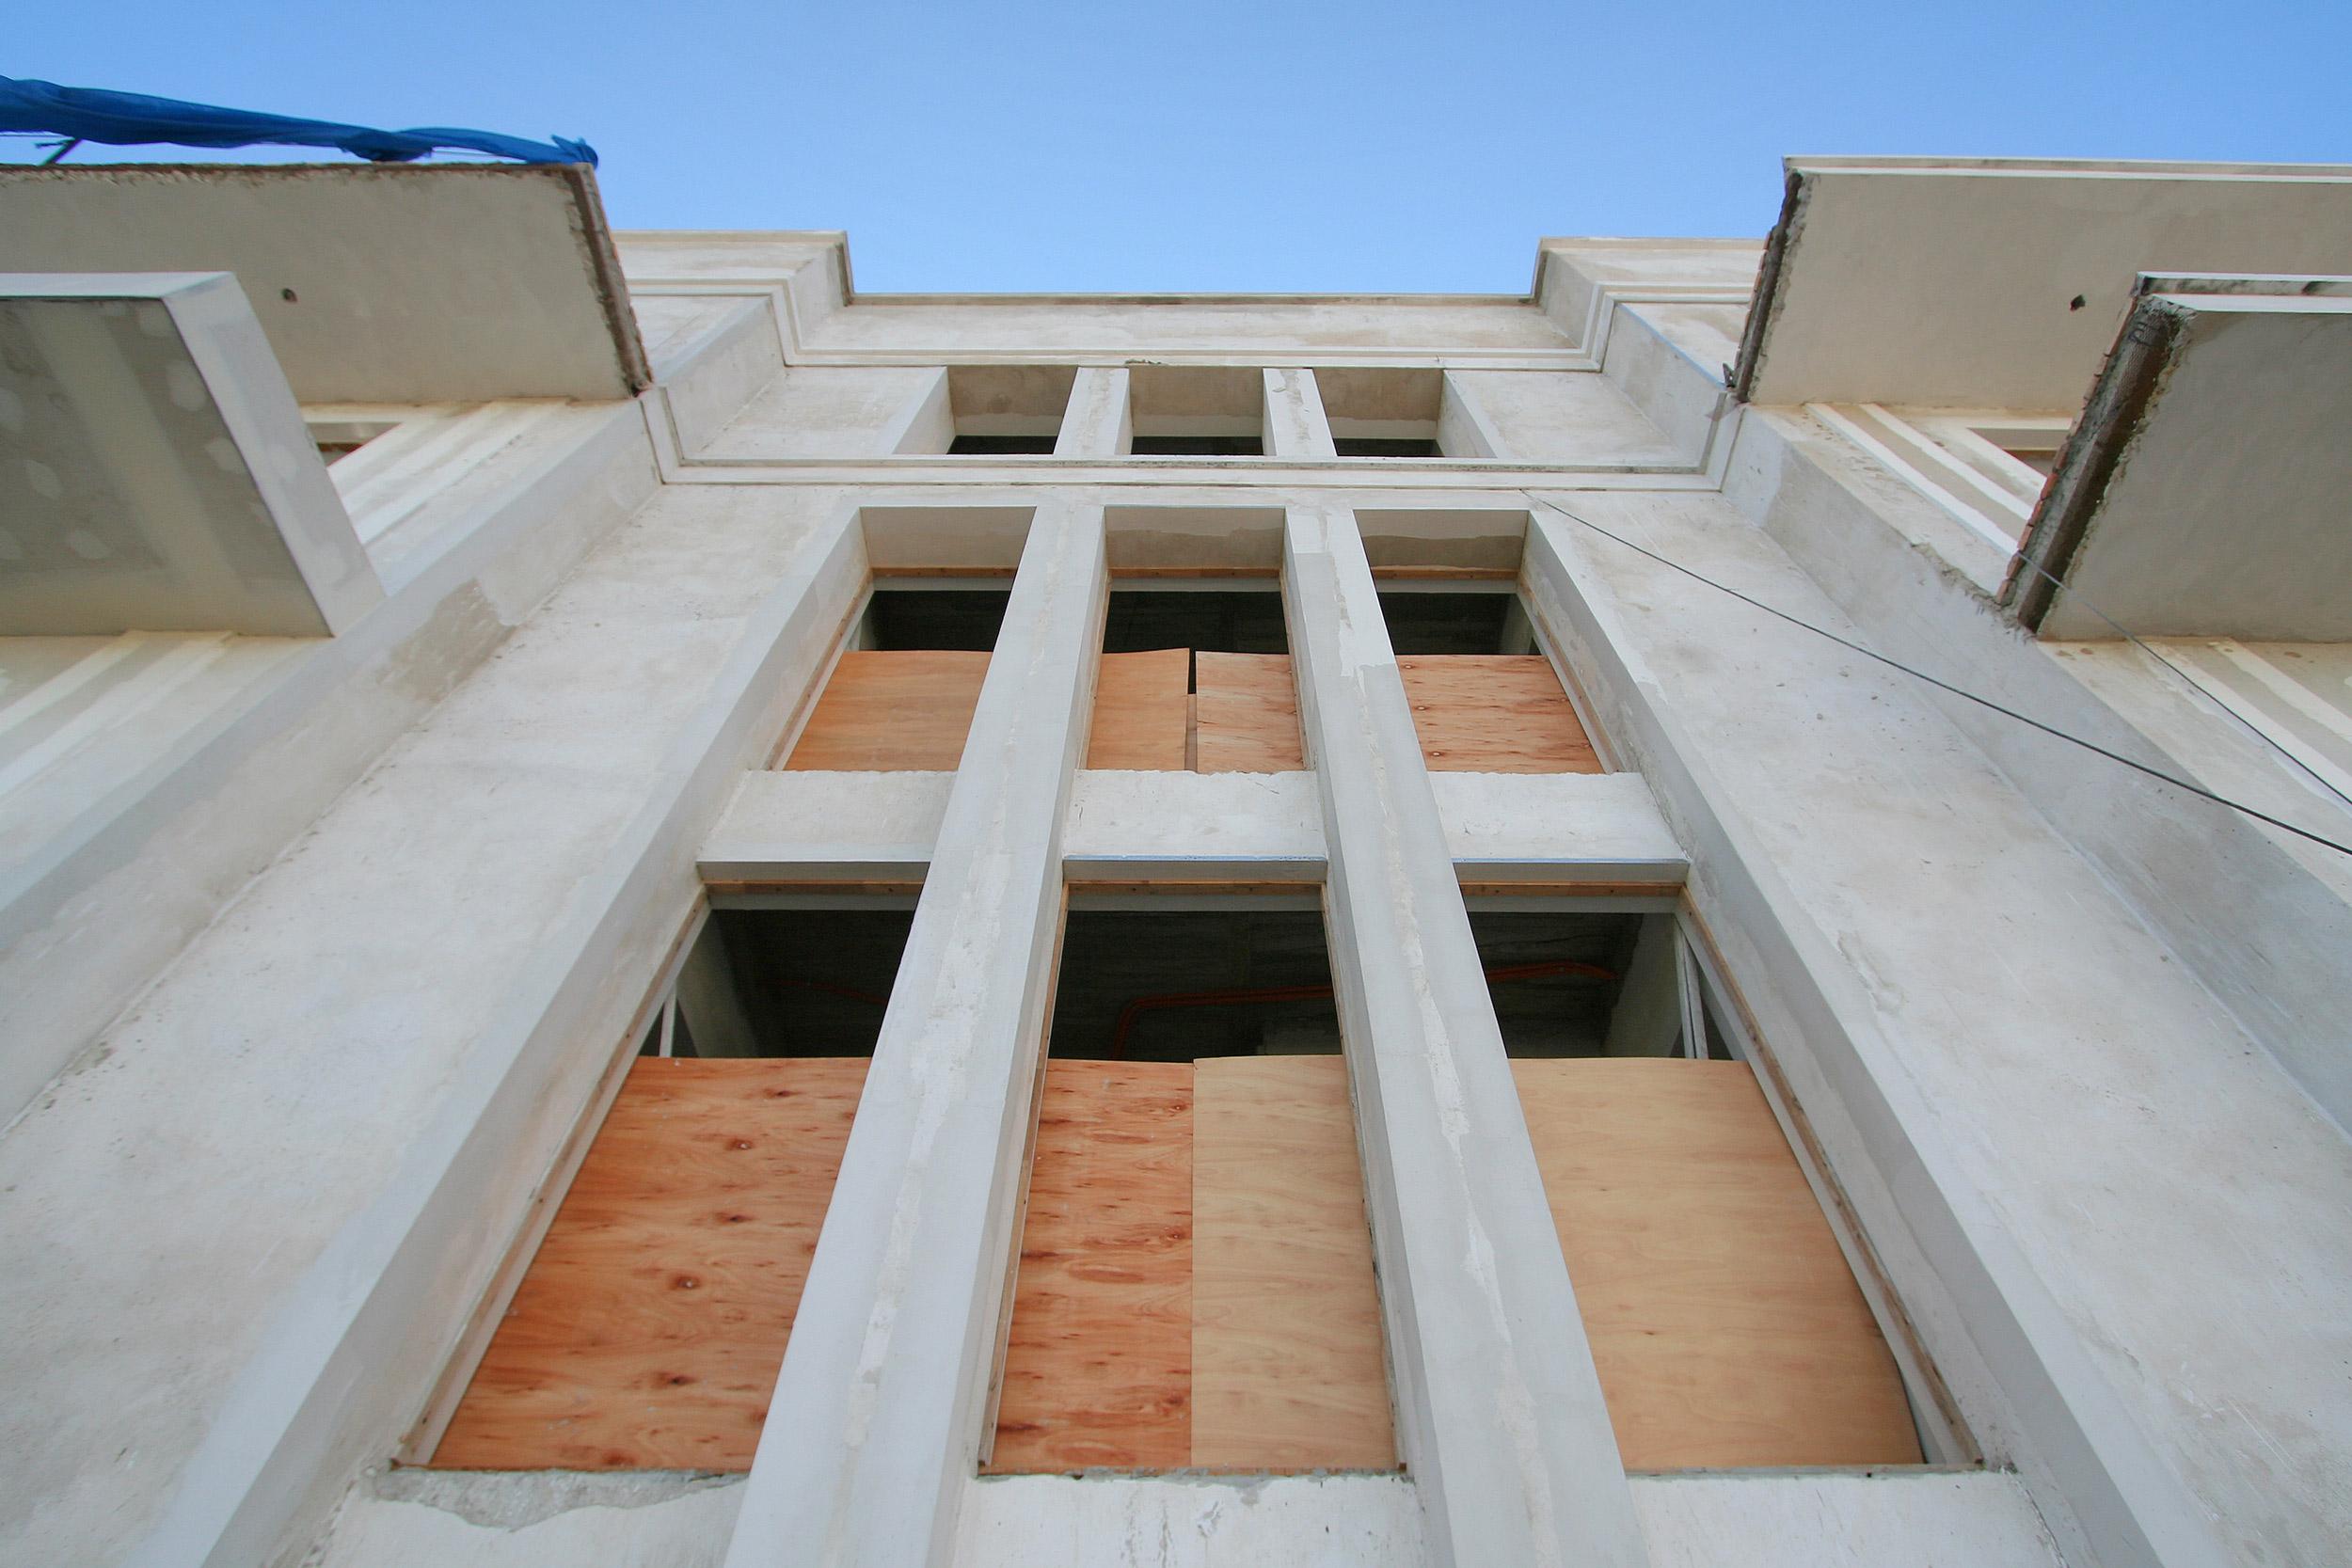 GOETHE RESIDENZEN - Neubau eines Appartementhauses mit exklusiven Wohnungen - Das Treppenhaus strukturieren Pilaster und stehende Fensterformate.